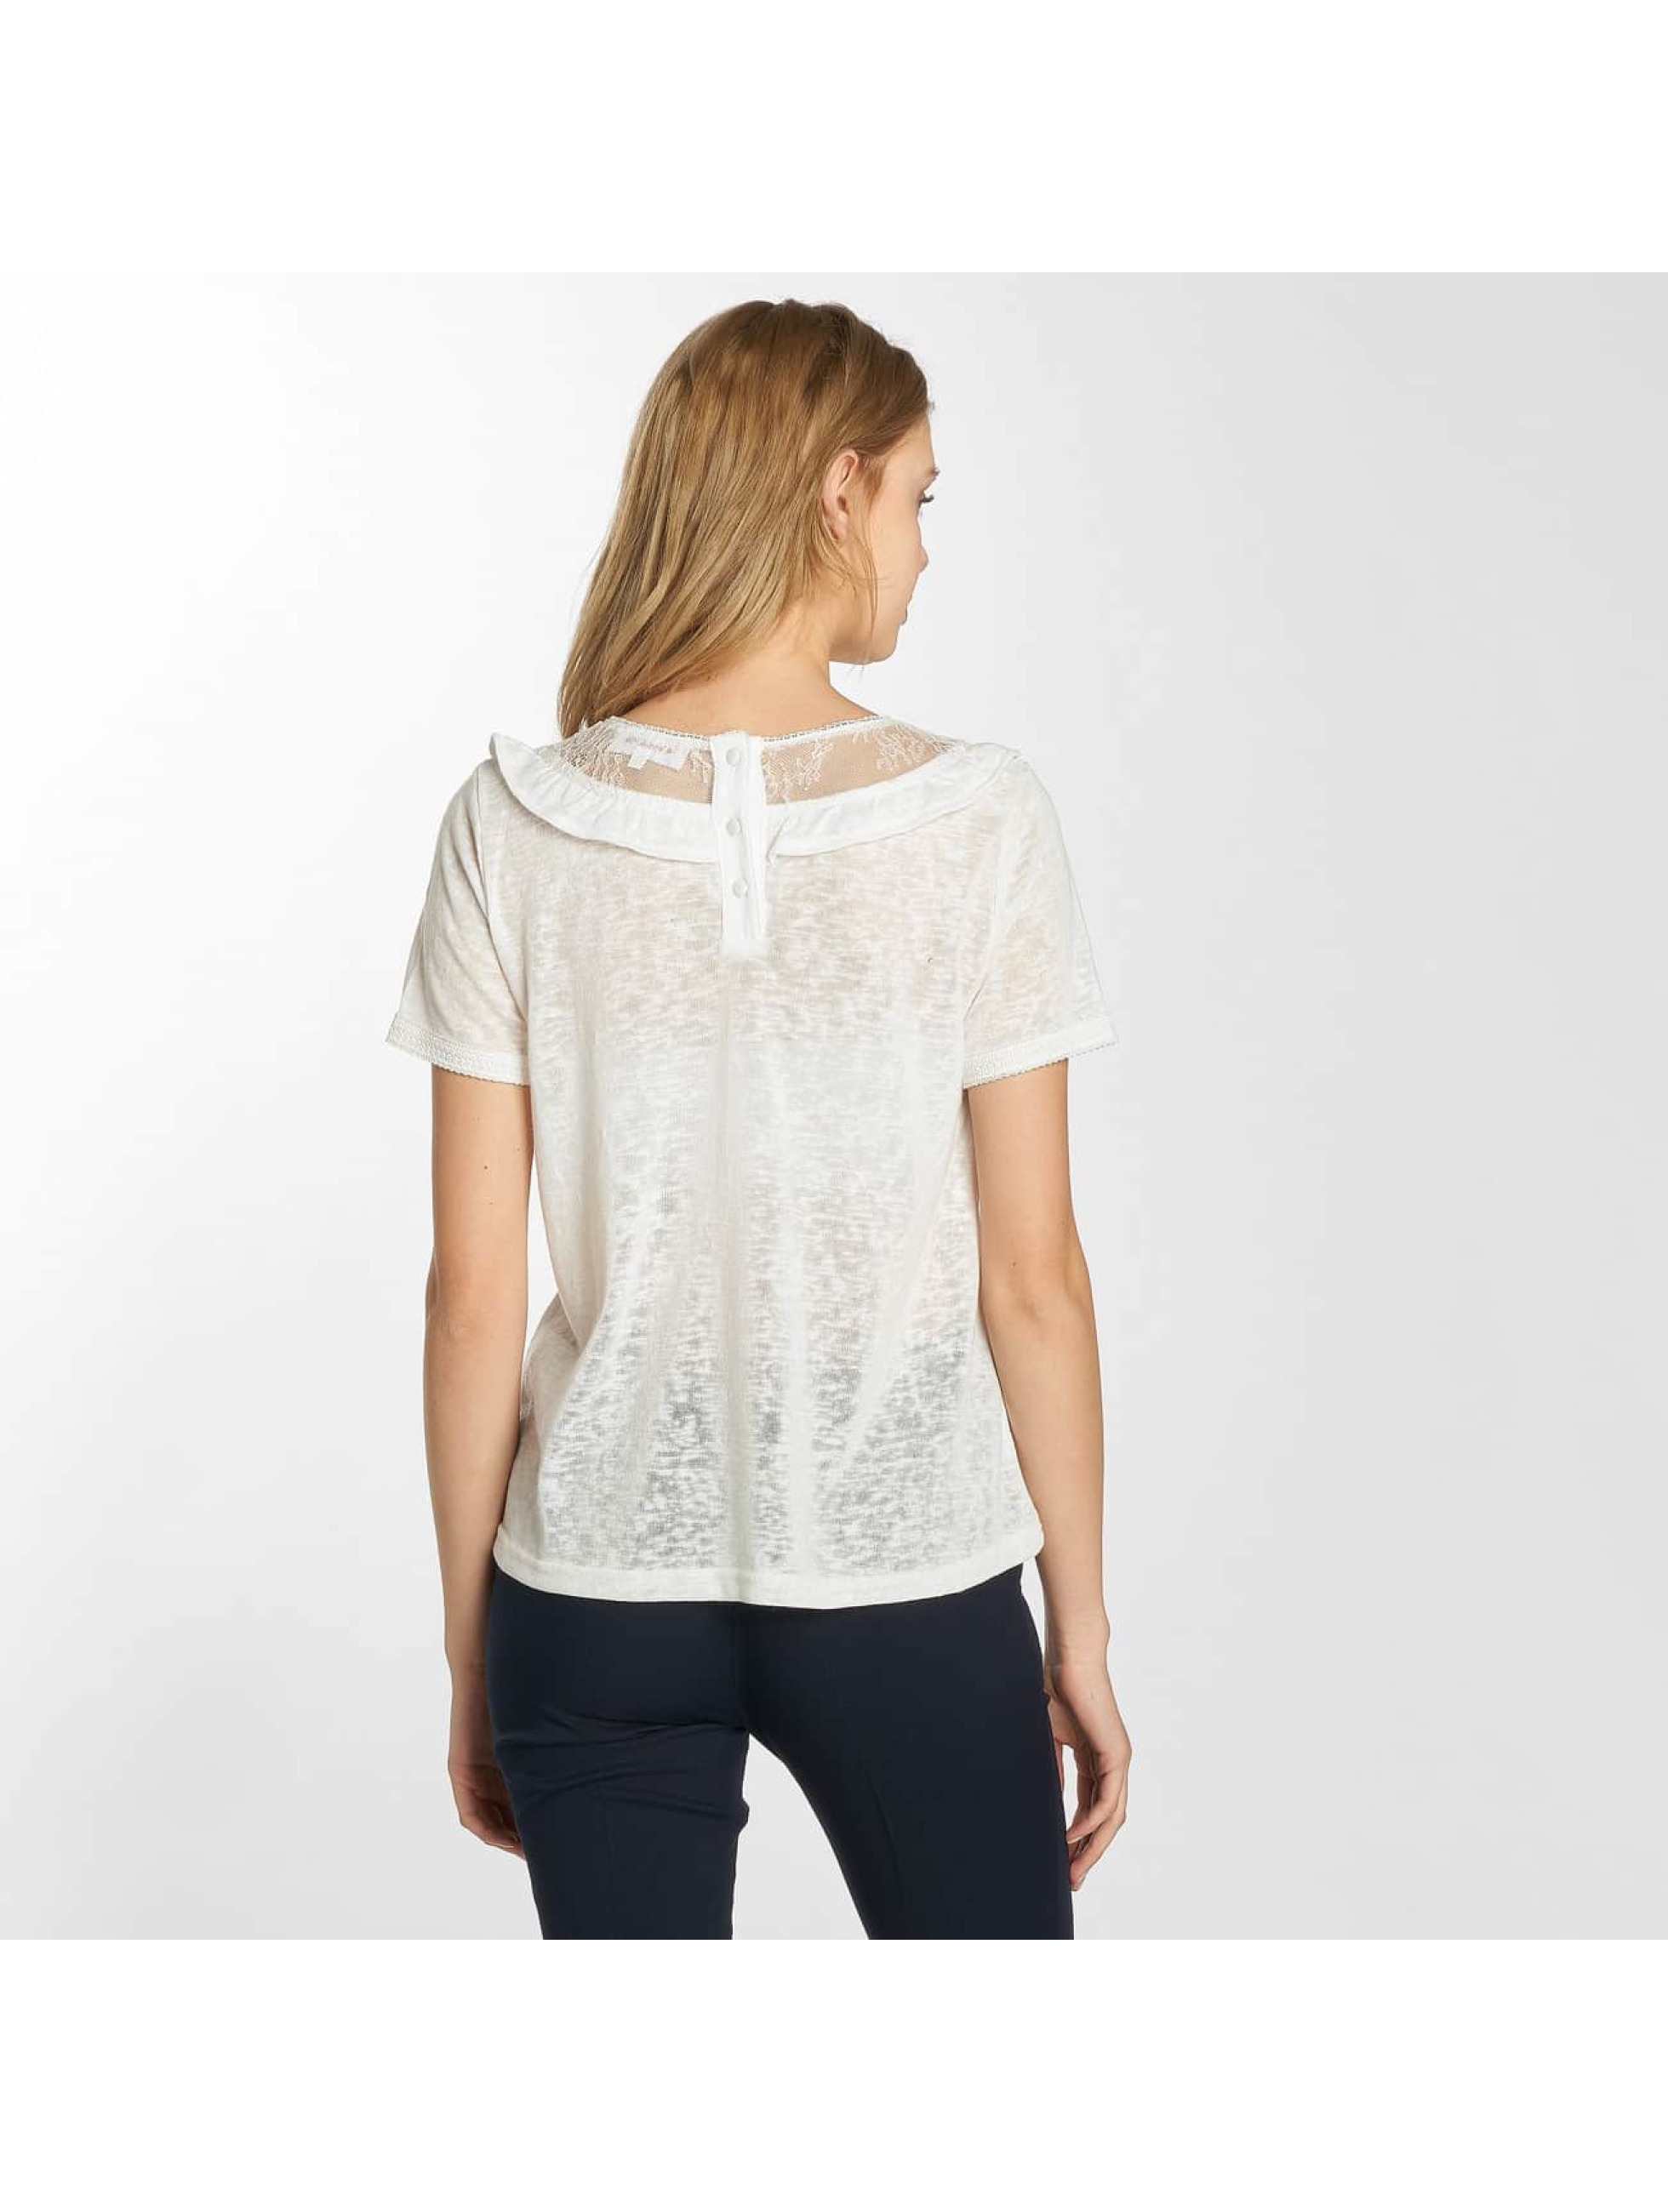 Grace & Mila T-Shirt People beige